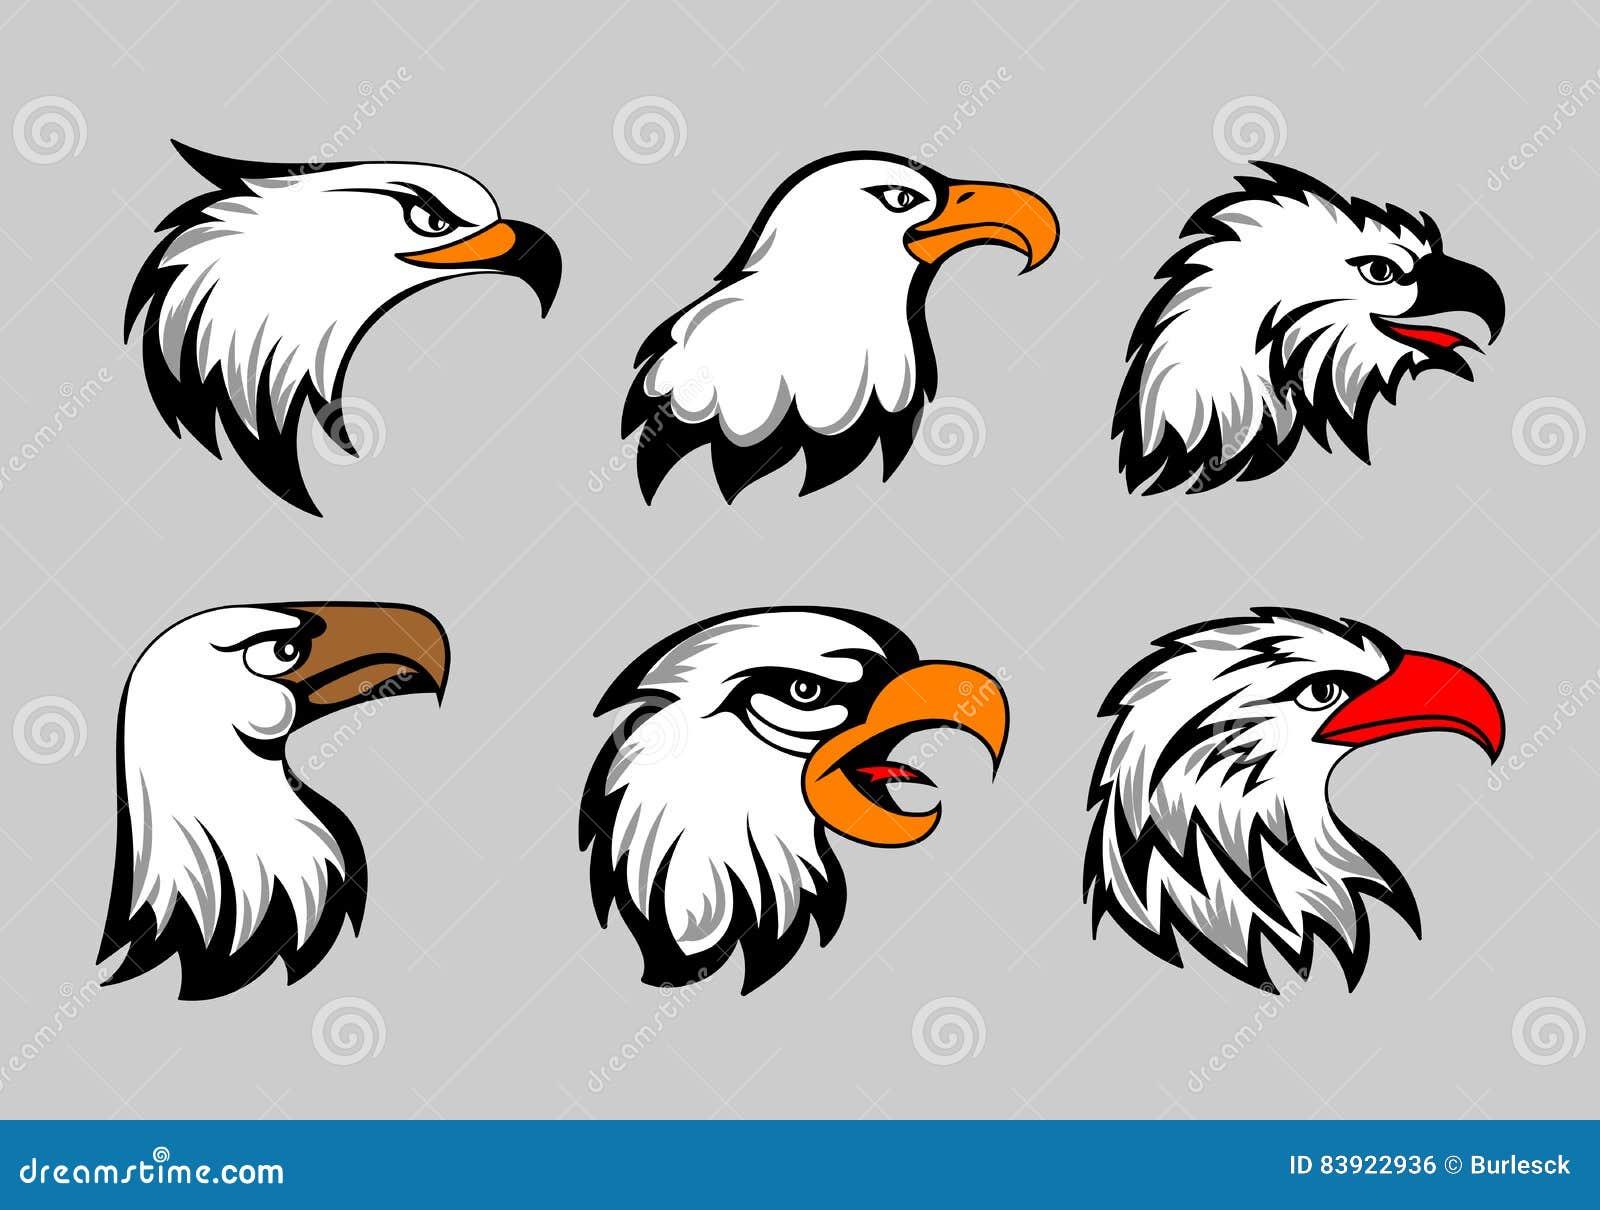 Maskot för den skalliga örnen heads vektorillustrationen Amerikansk örnhuvuduppsättning för logo och etiketter